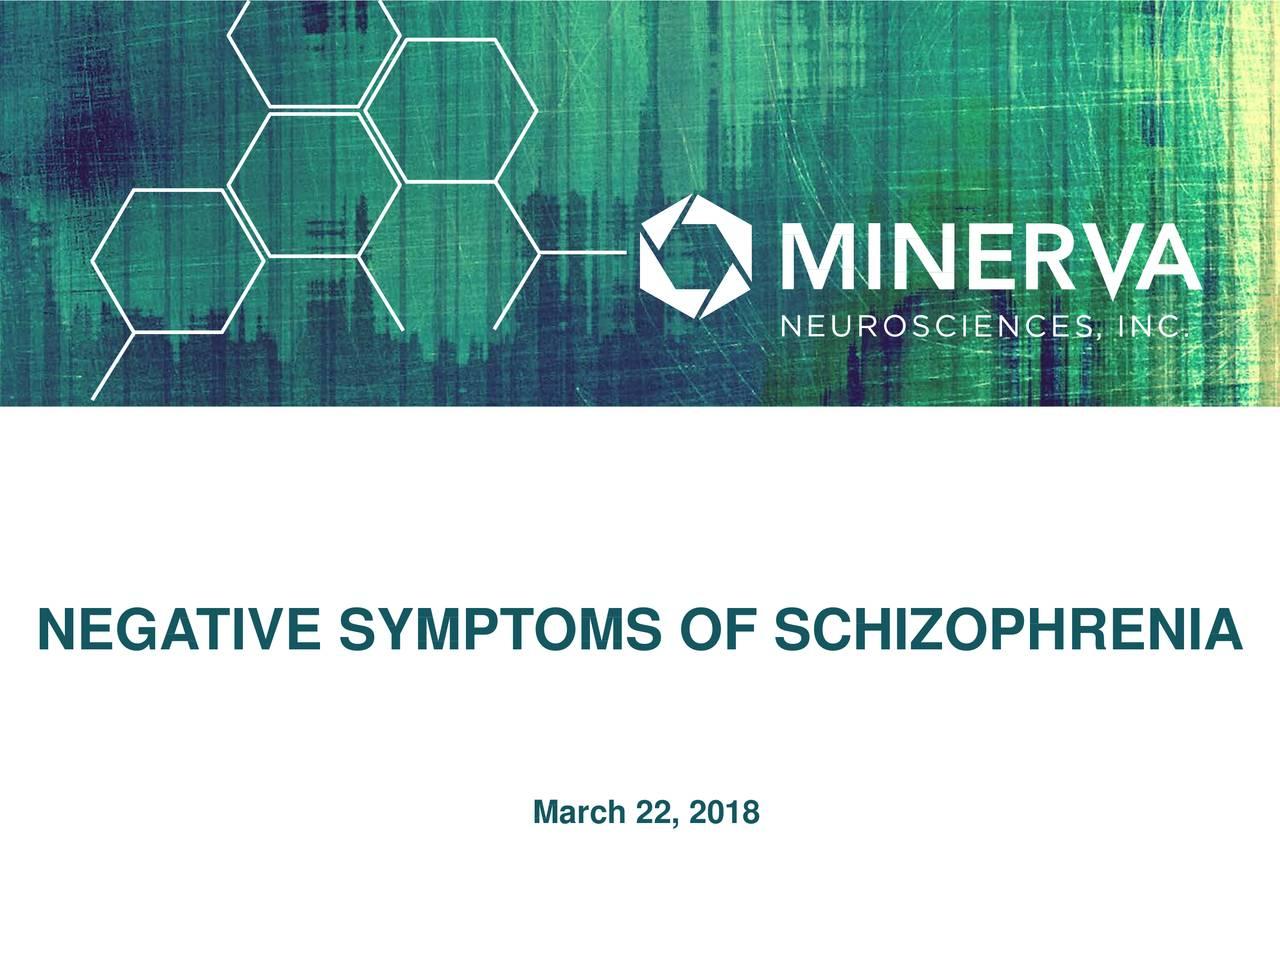 Minerva Neurosciences (NERV) Negative Symptoms of Schizophrenia - Slideshow